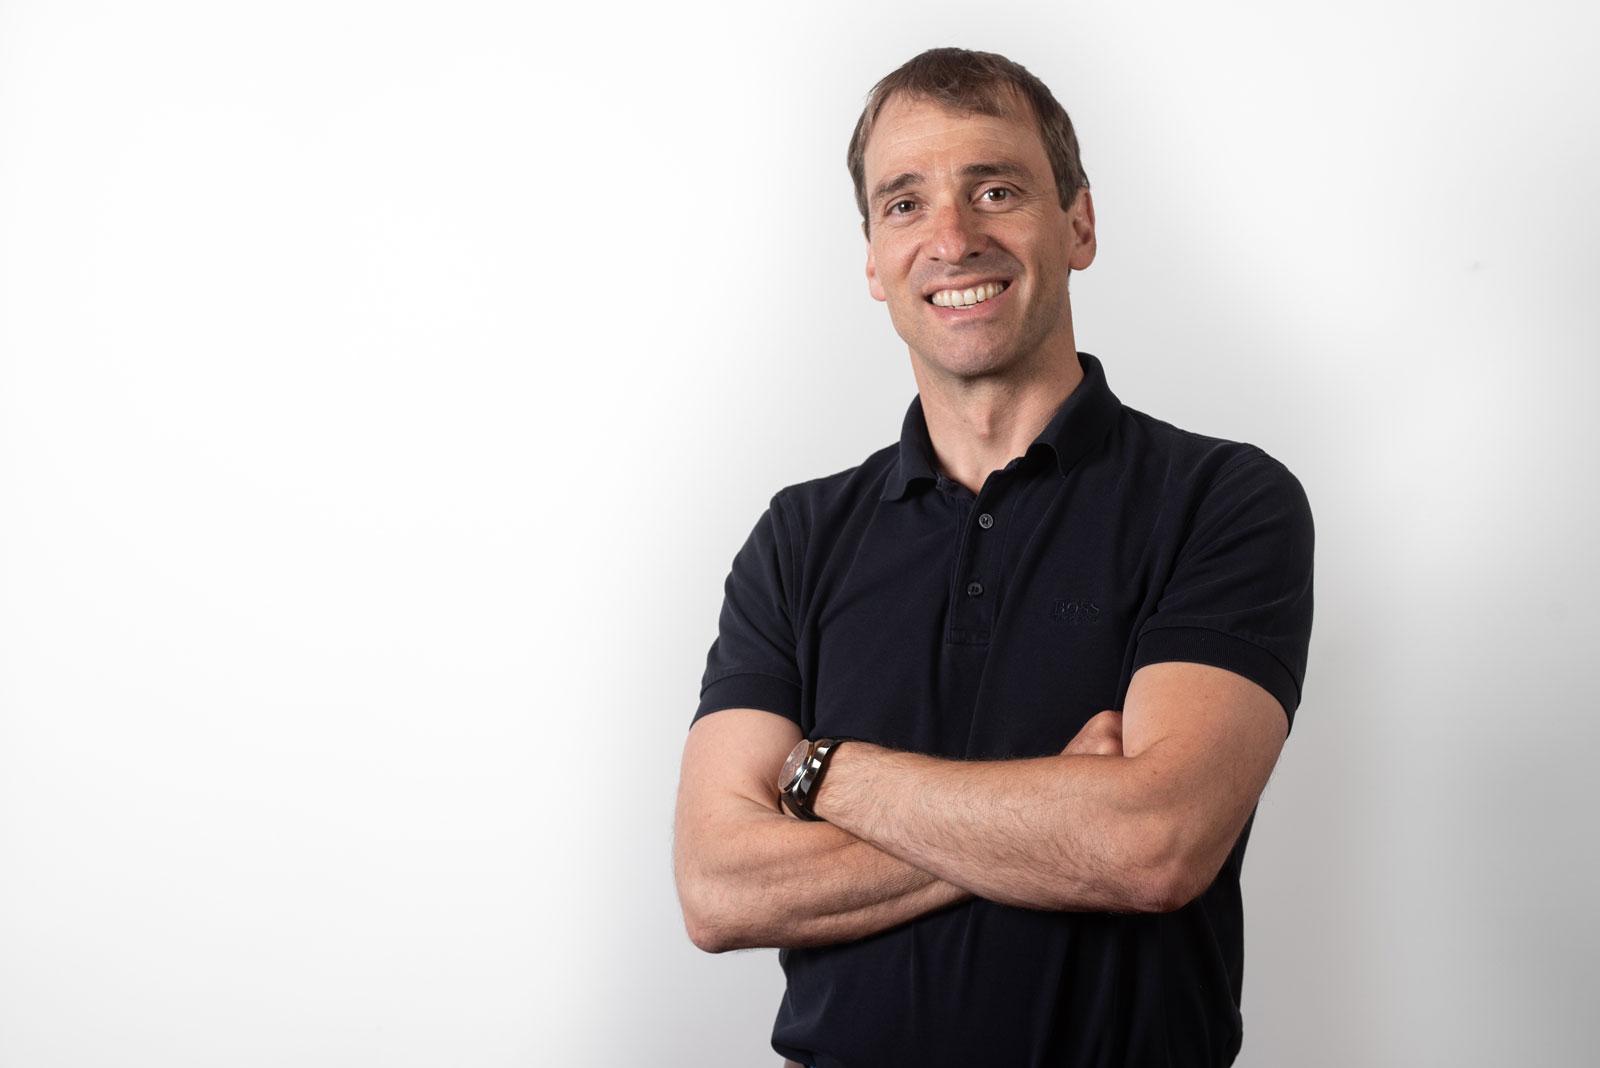 Coach und Mentalrainer Stefan Rosenauer